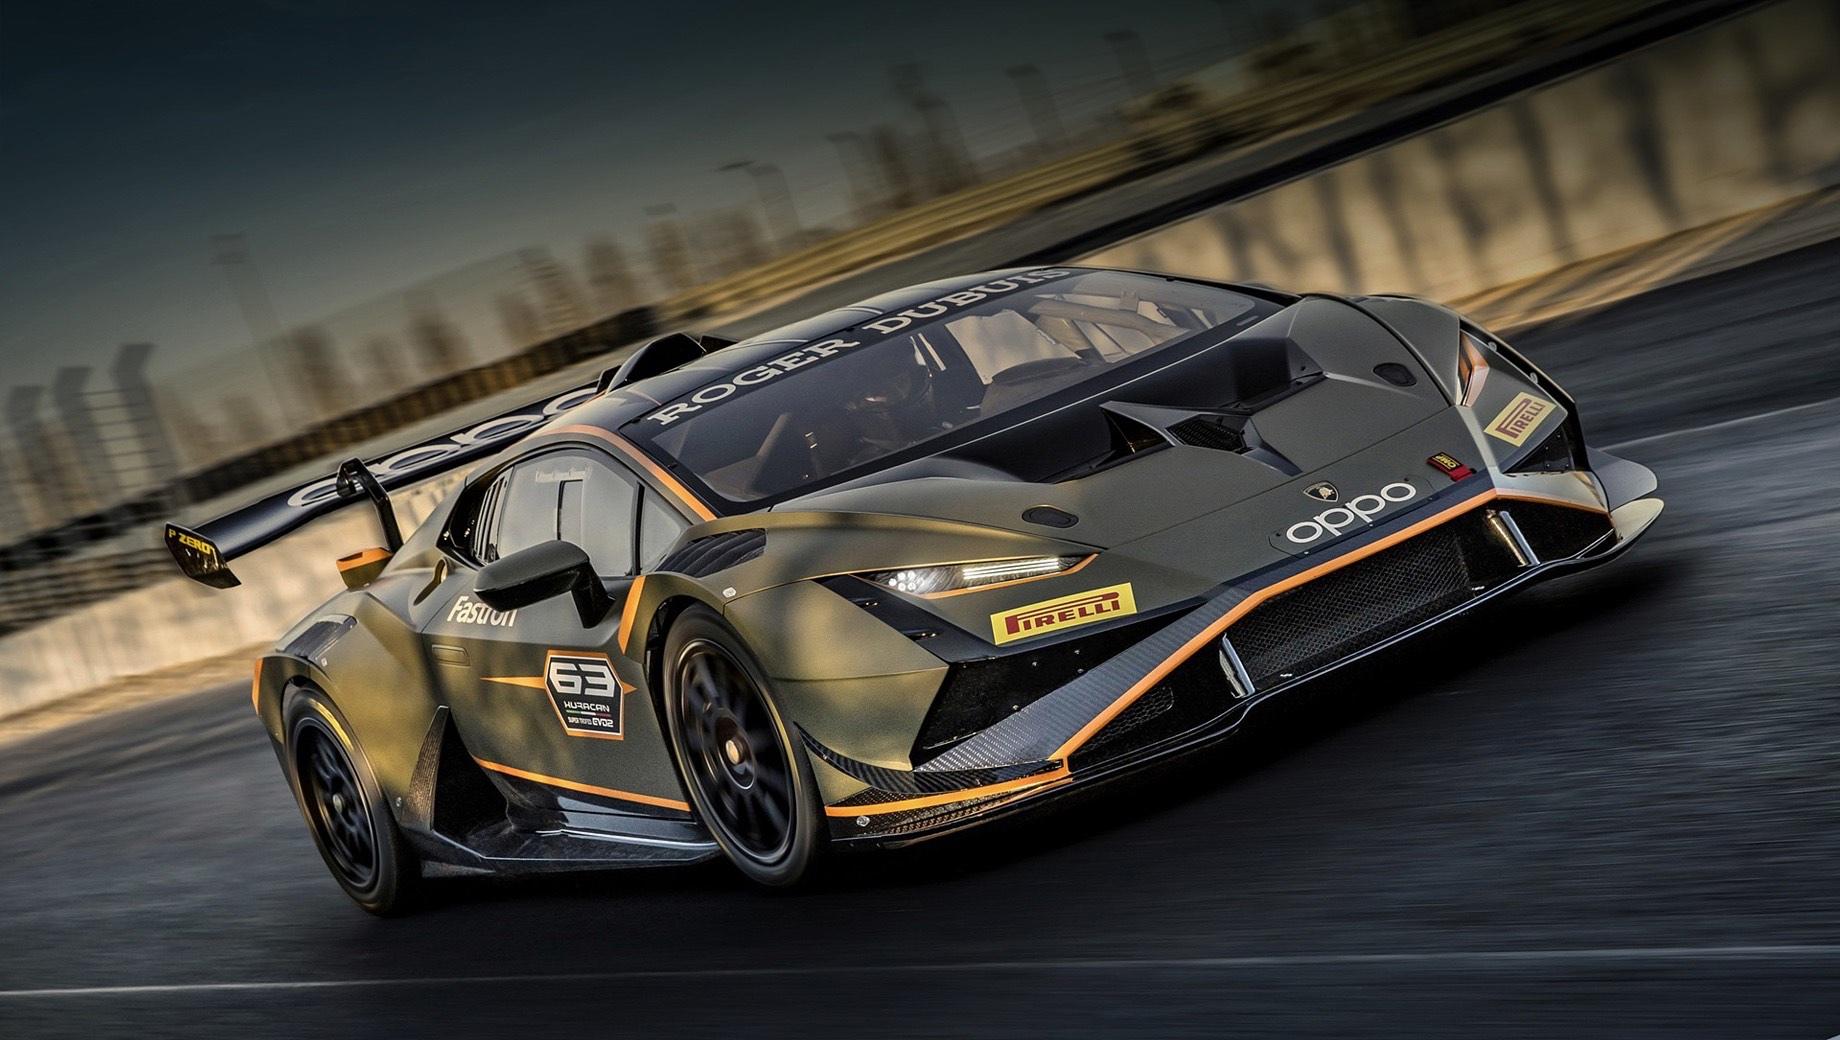 Lamborghini huracan,Lamborghini huracan super trofeo evo2. Проводя презентацию какой-либо гоночной новинки, отделение Lamborghini Squadra Corse очень любит публиковать статистические данные. Например, с 2009 года в чемпионате Super Trofeo приняло участие 950 пилотов, а в апреле 2021-го спецы собрали четырёхсотый автомобиль серии.